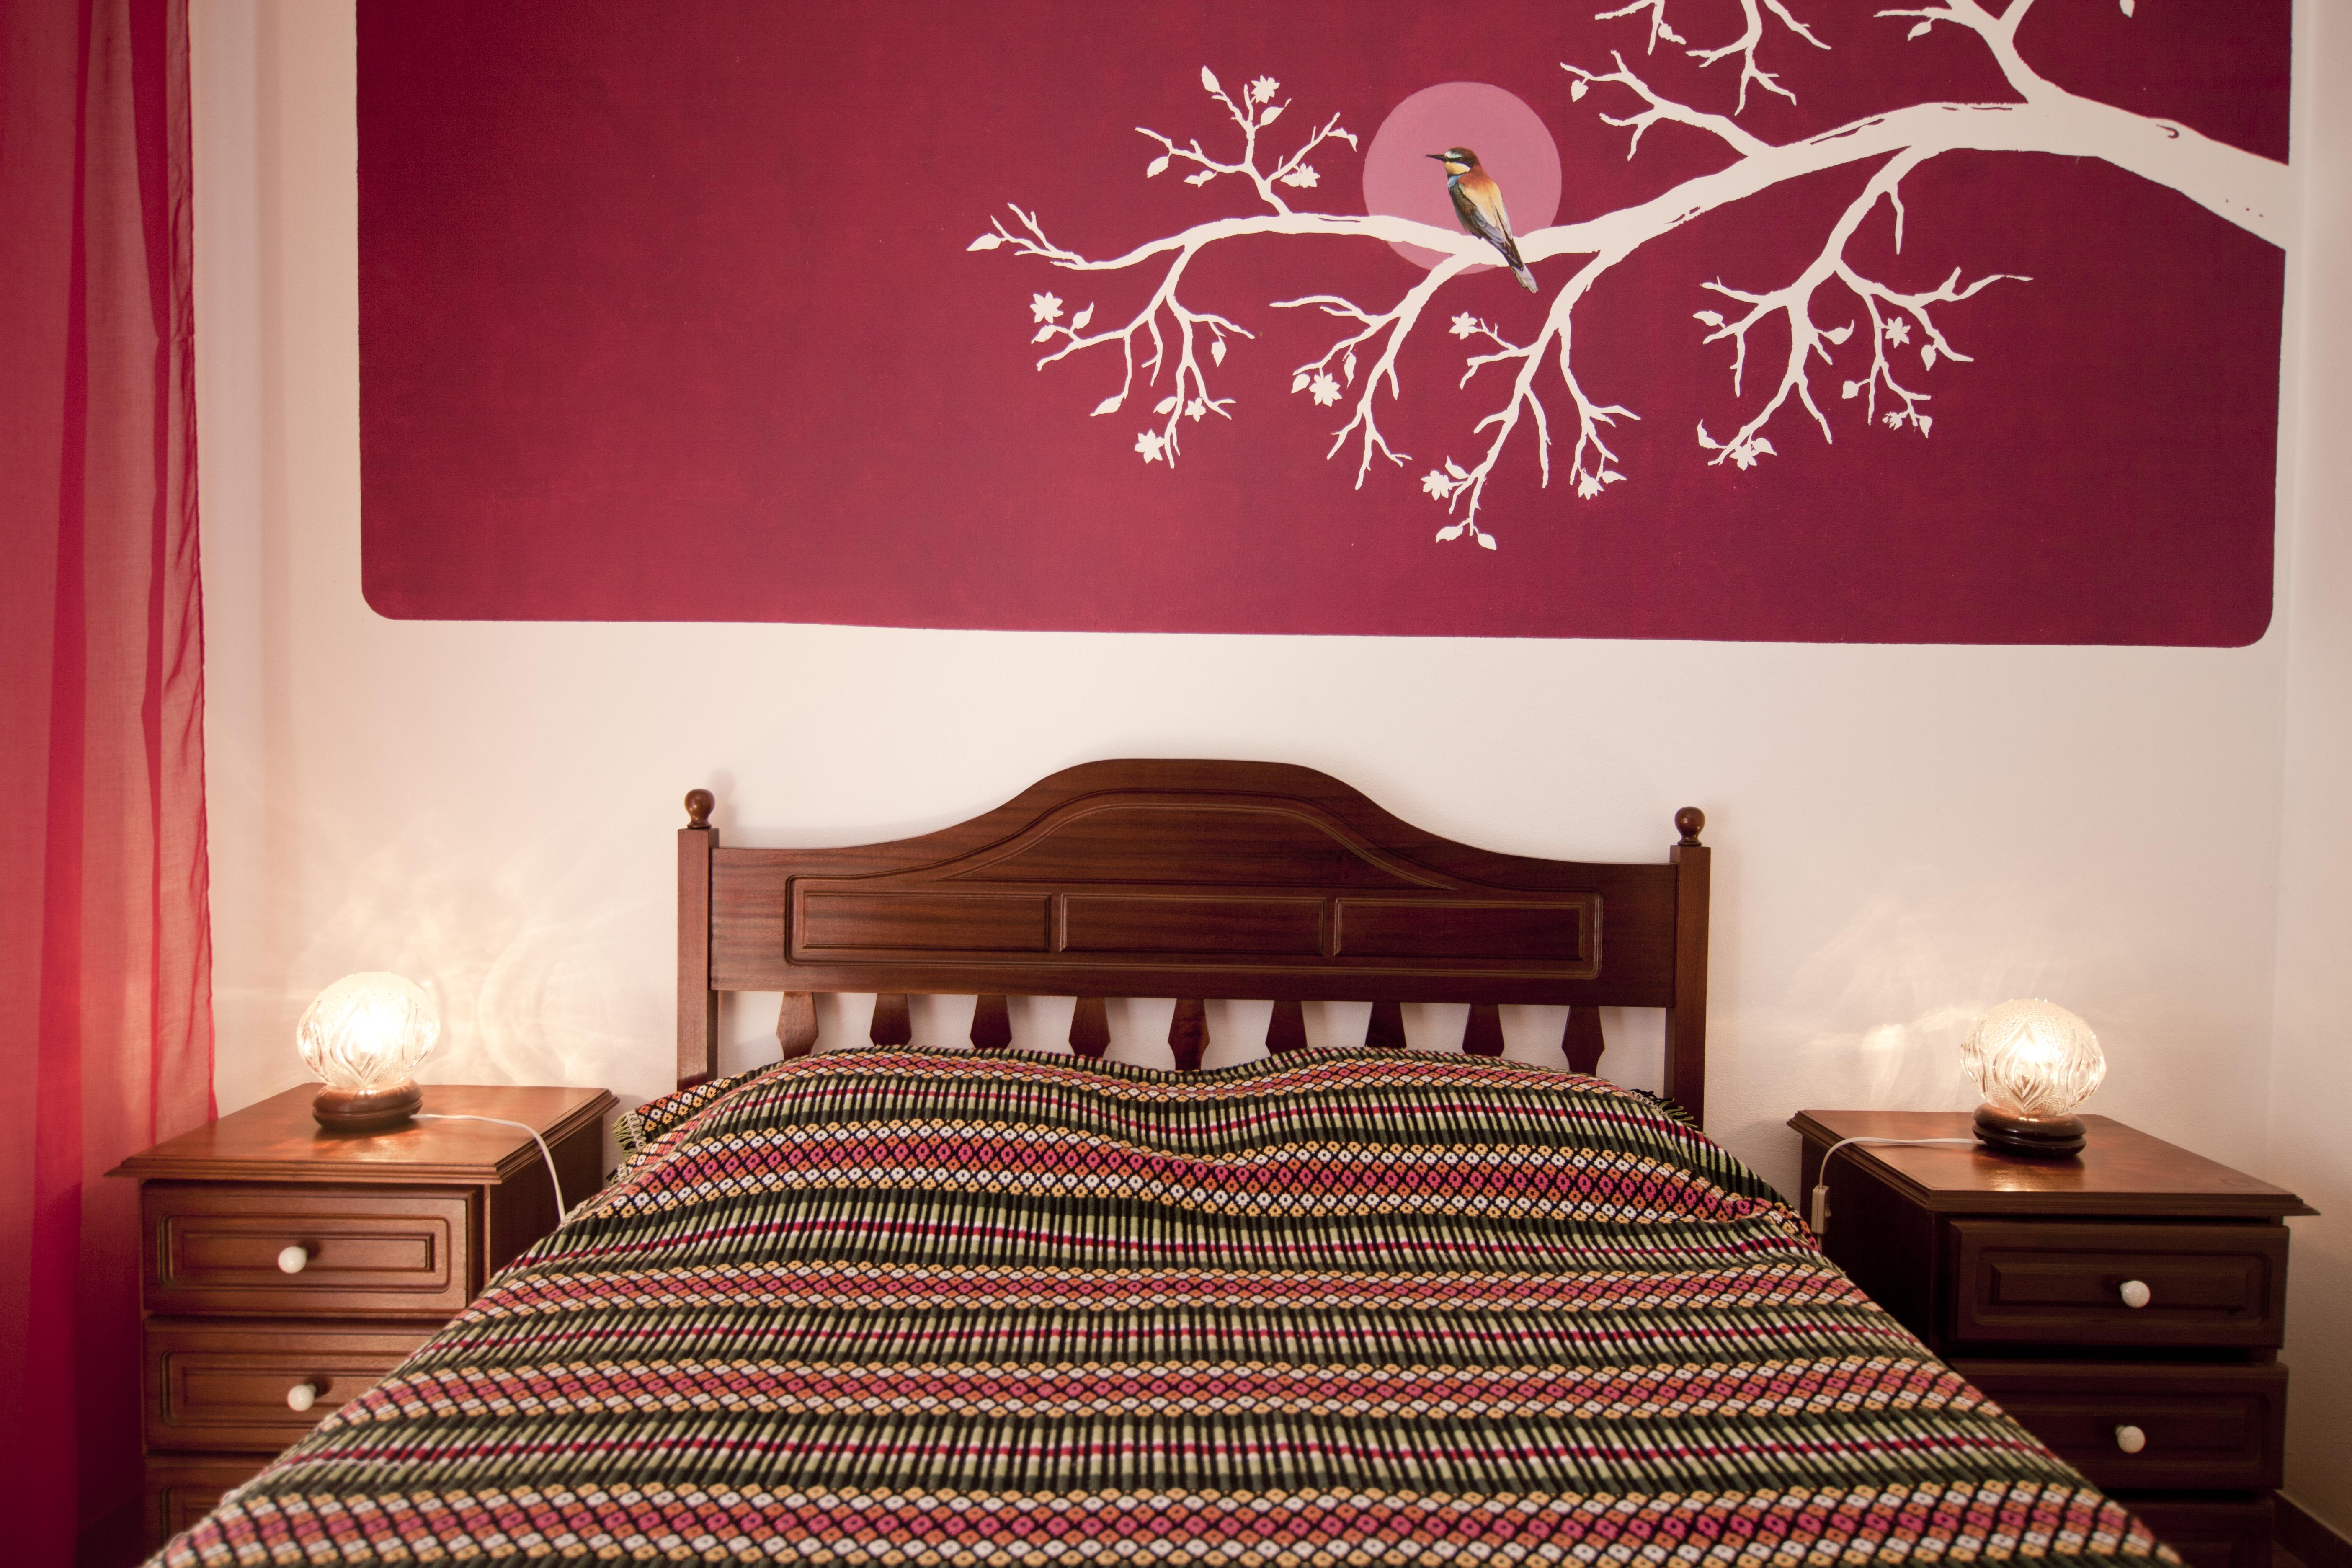 Hostel Seixe quarto 2